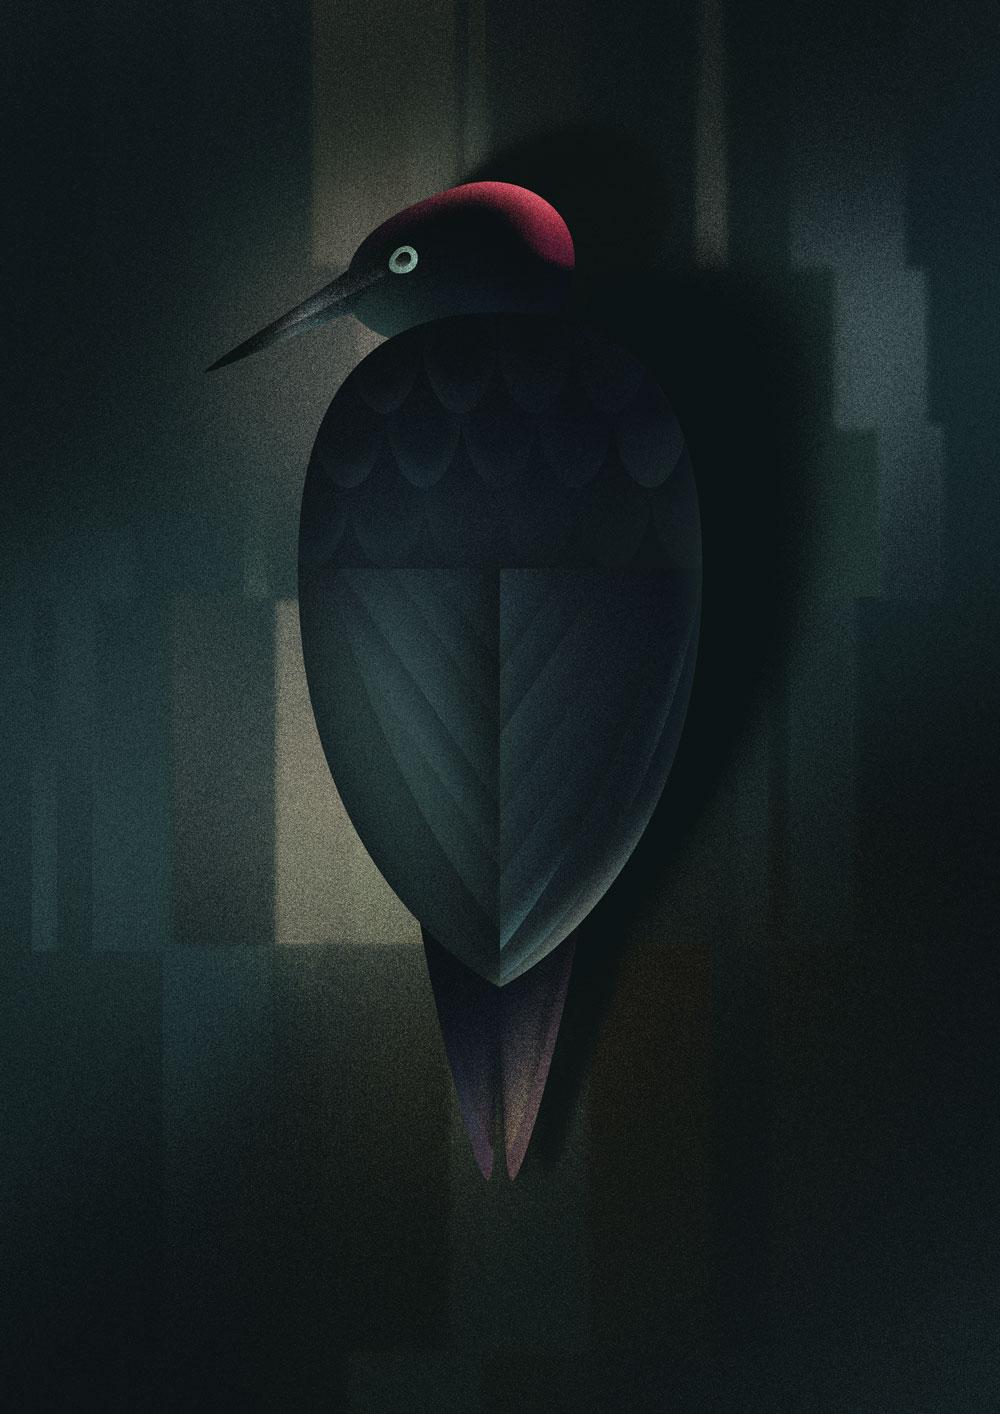 Leicht abstrakte Darstellung eines Schwarzspecht